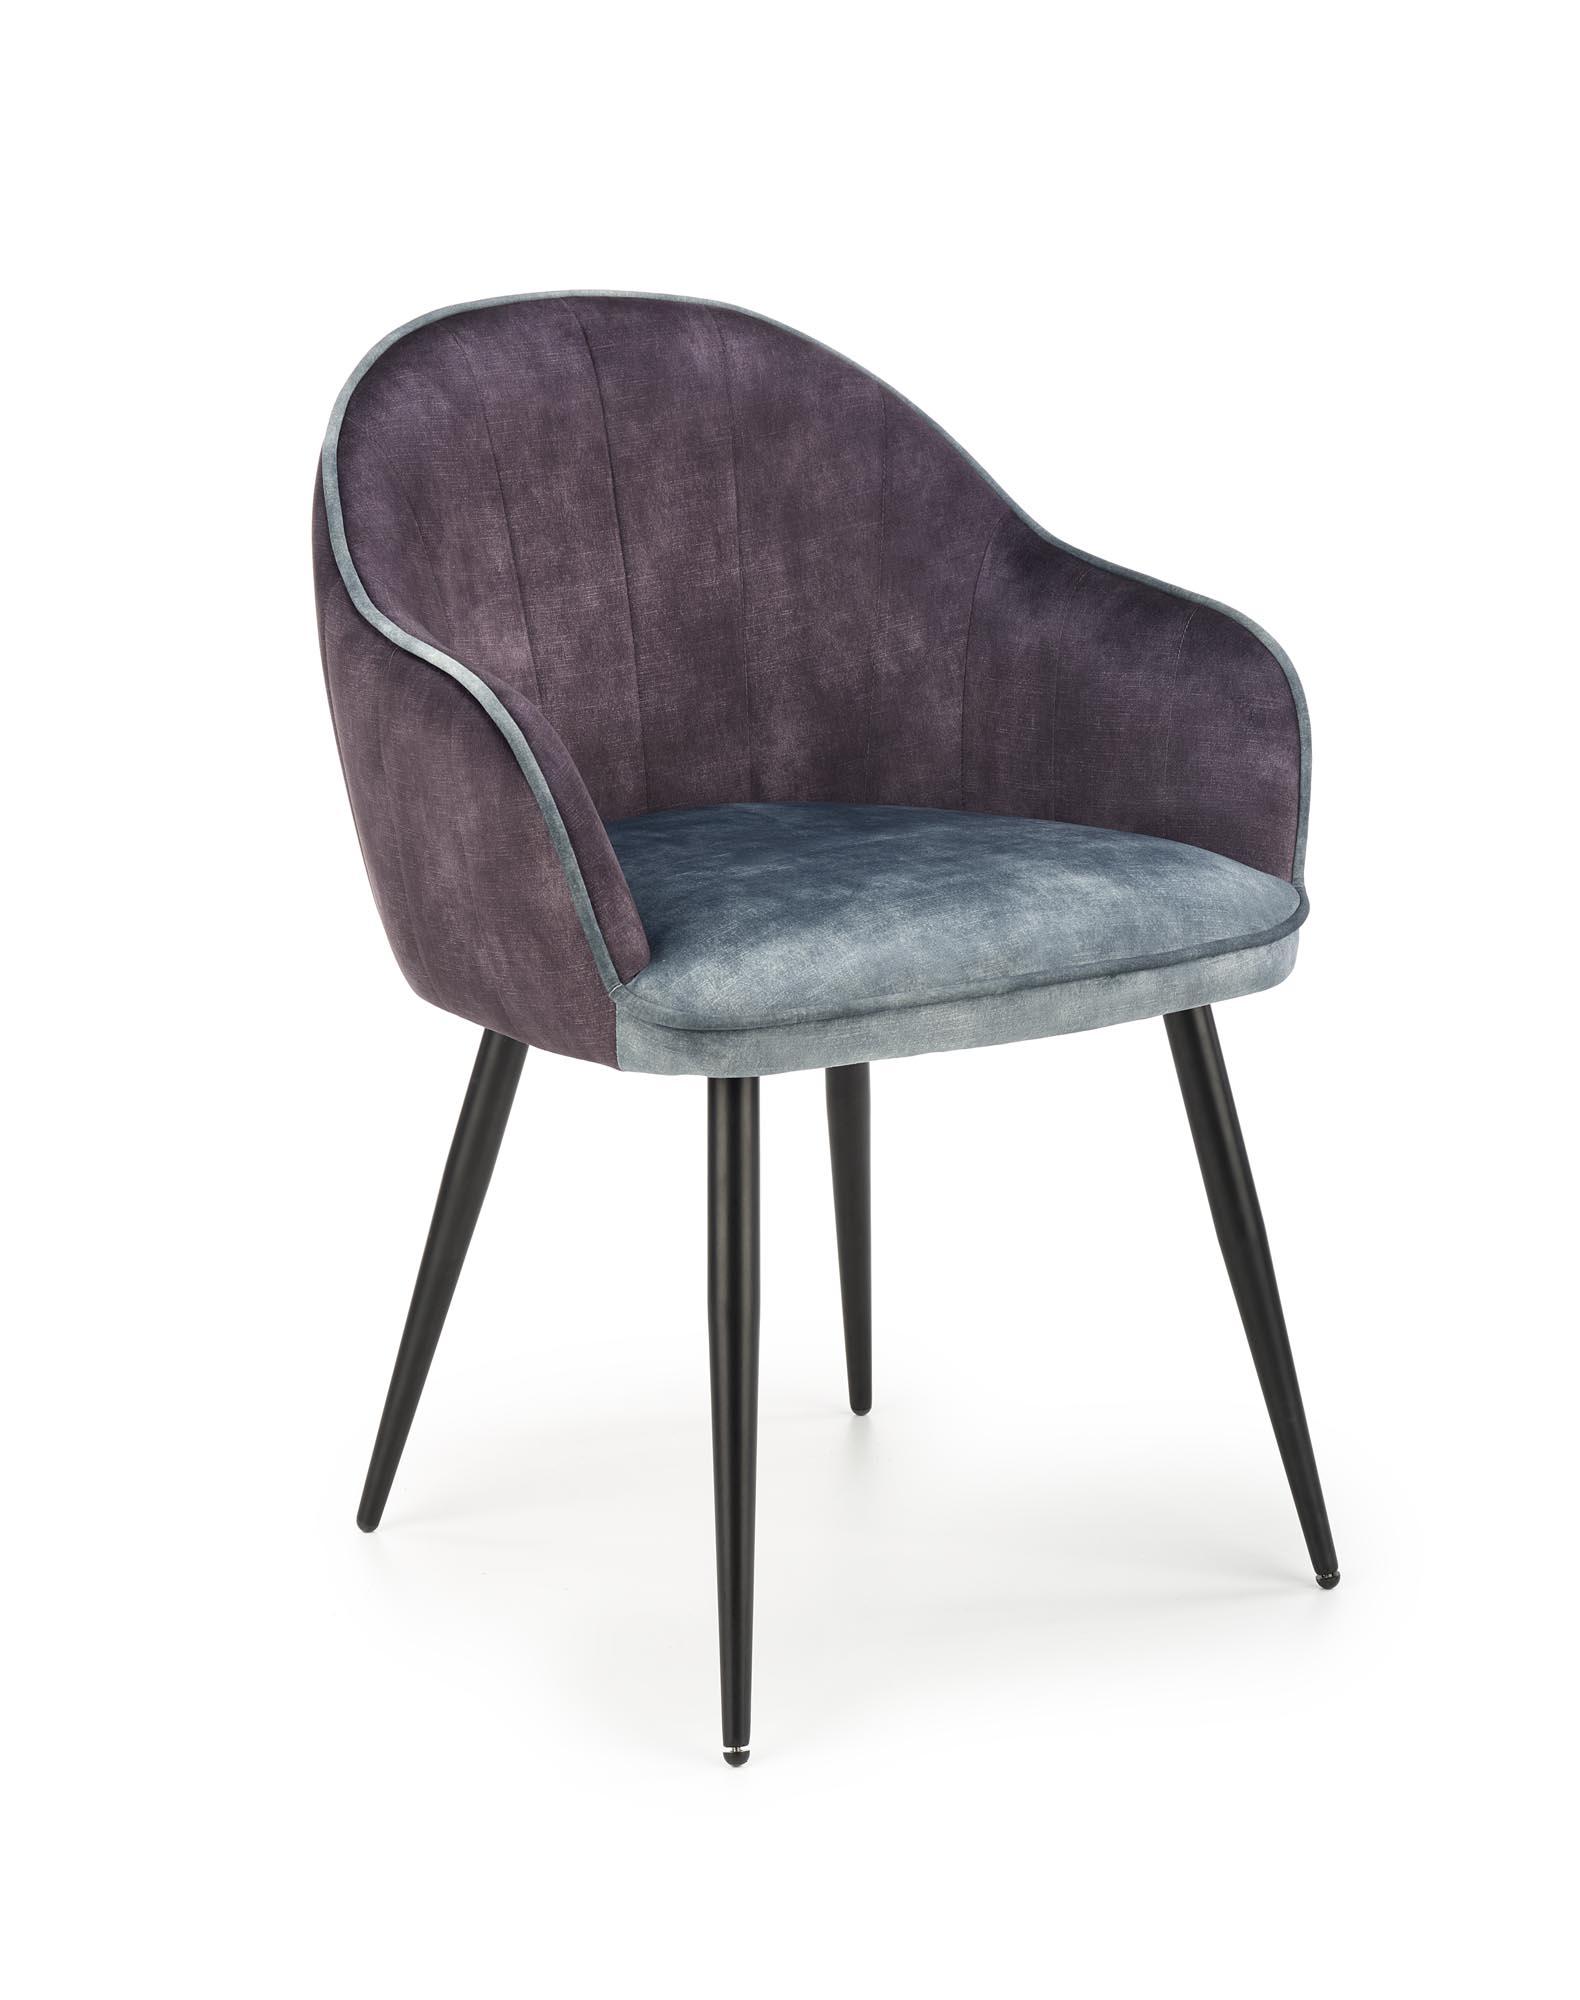 K440 krzesło ciemny popiel/niebieski